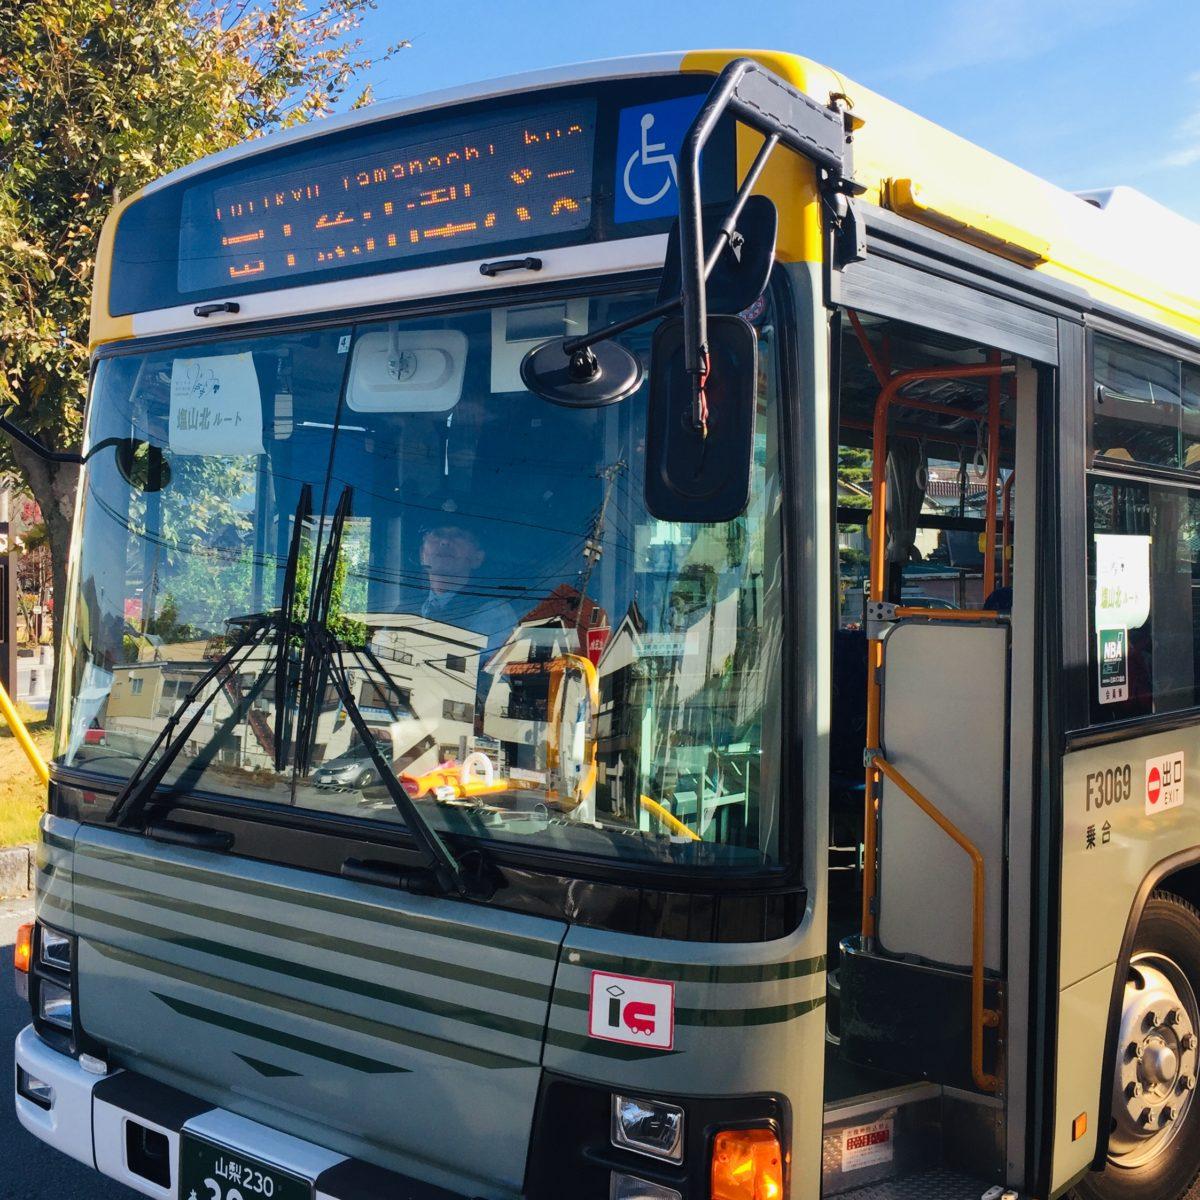 ワインツーリズムやまなし2018・秋での山梨交通の巡回バス